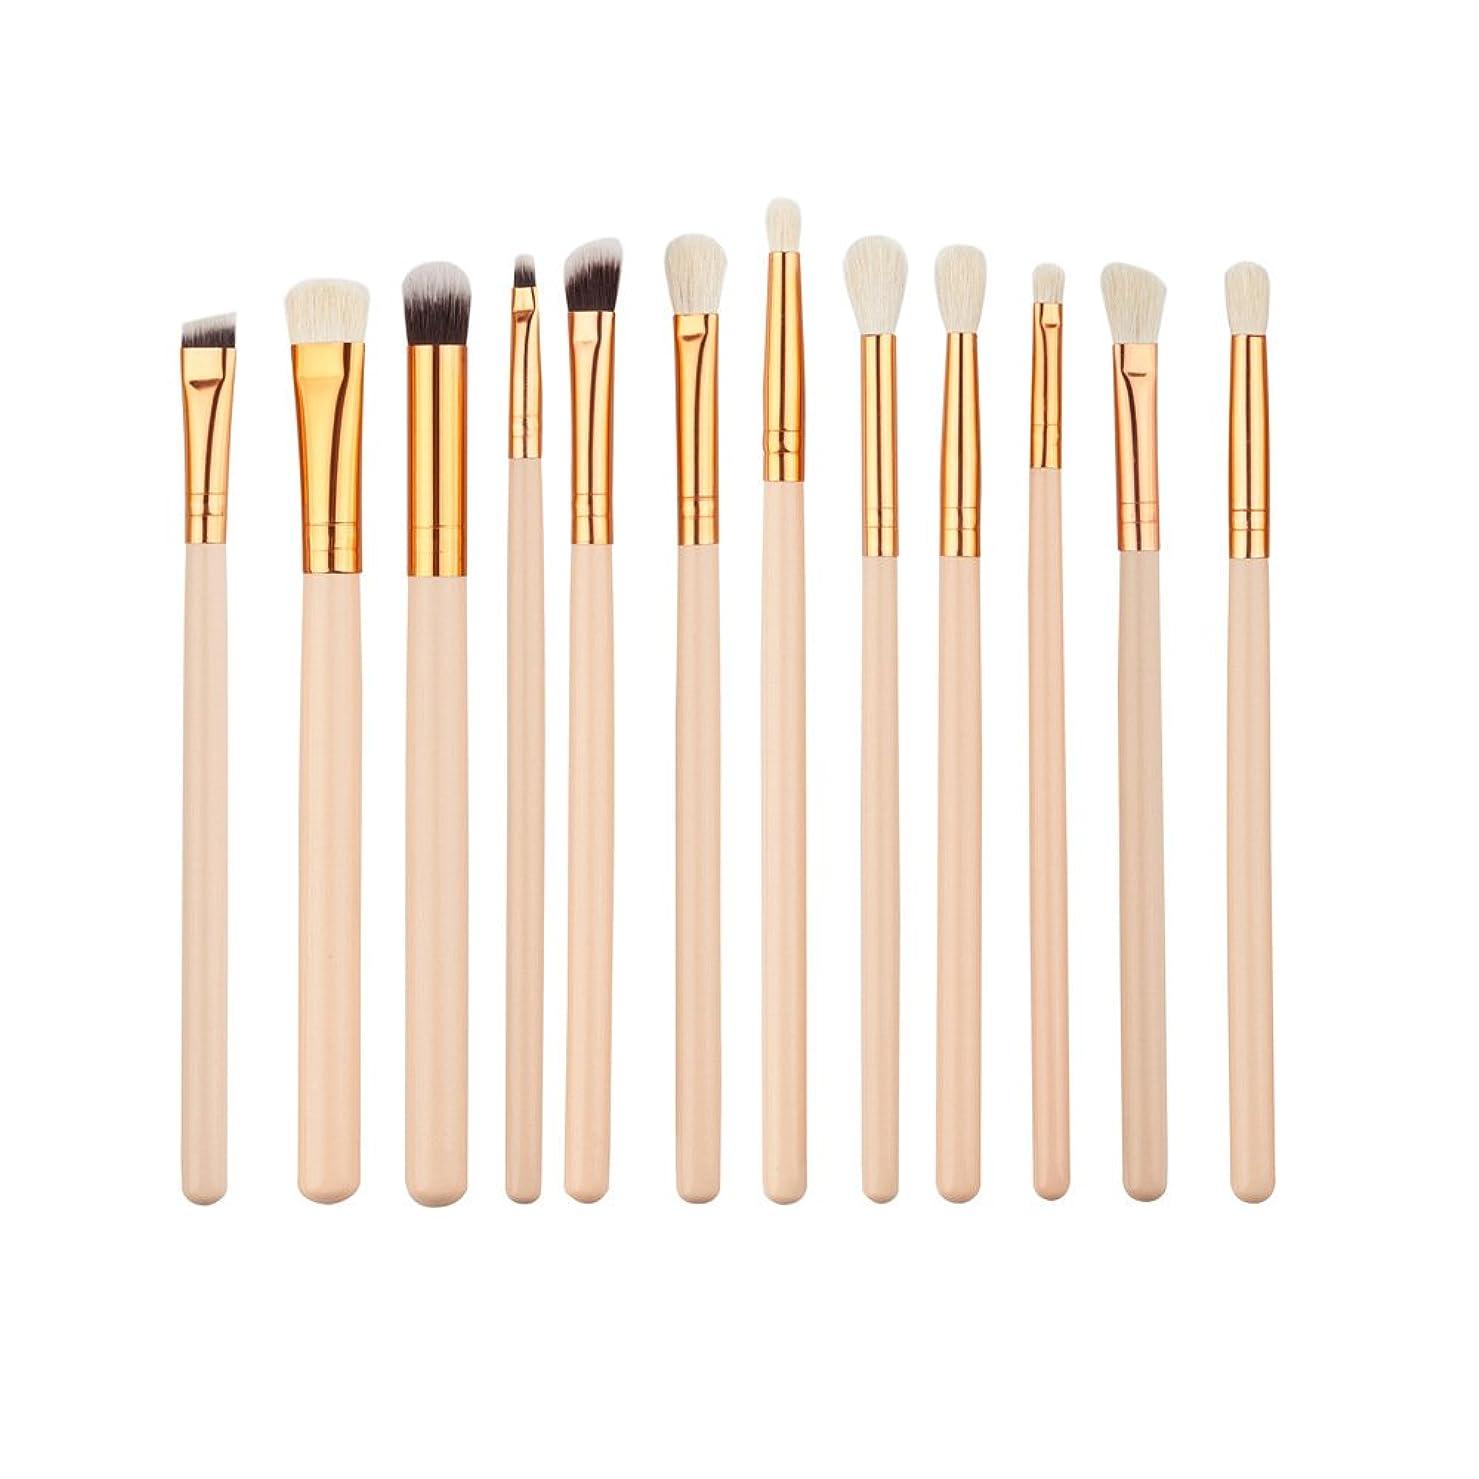 チャート外交問題安いですELECOOL 12pcs Eye Makeup Brushes Kit Women Eyeshadow Powder Eyeliner Blending Brush Eye Shadow Brushes